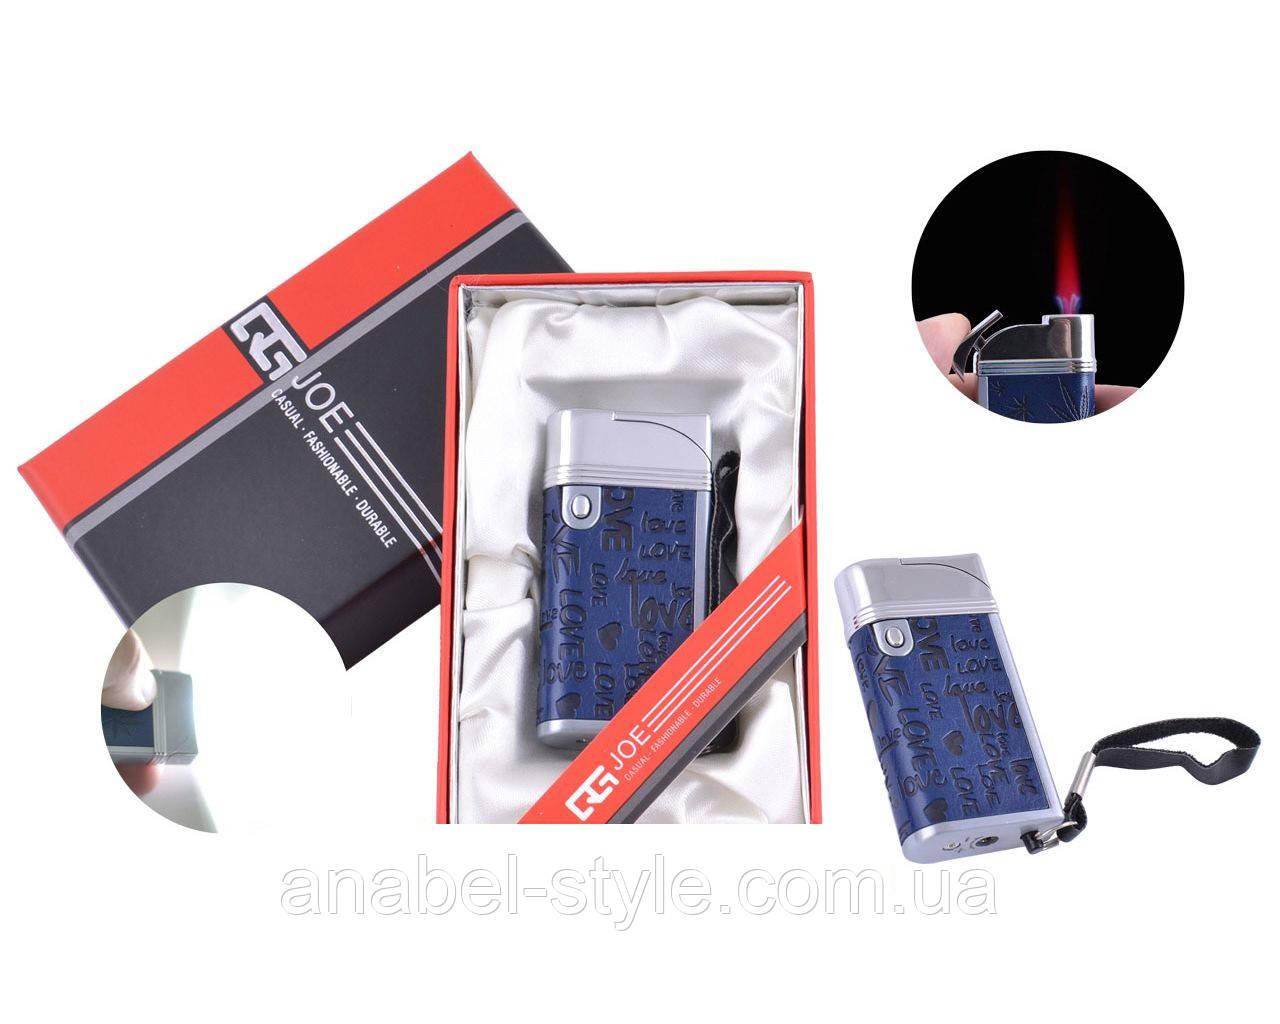 Зажигалка в подарочной упаковке JOE (Турбо пламя) №4032-5 Код 120262